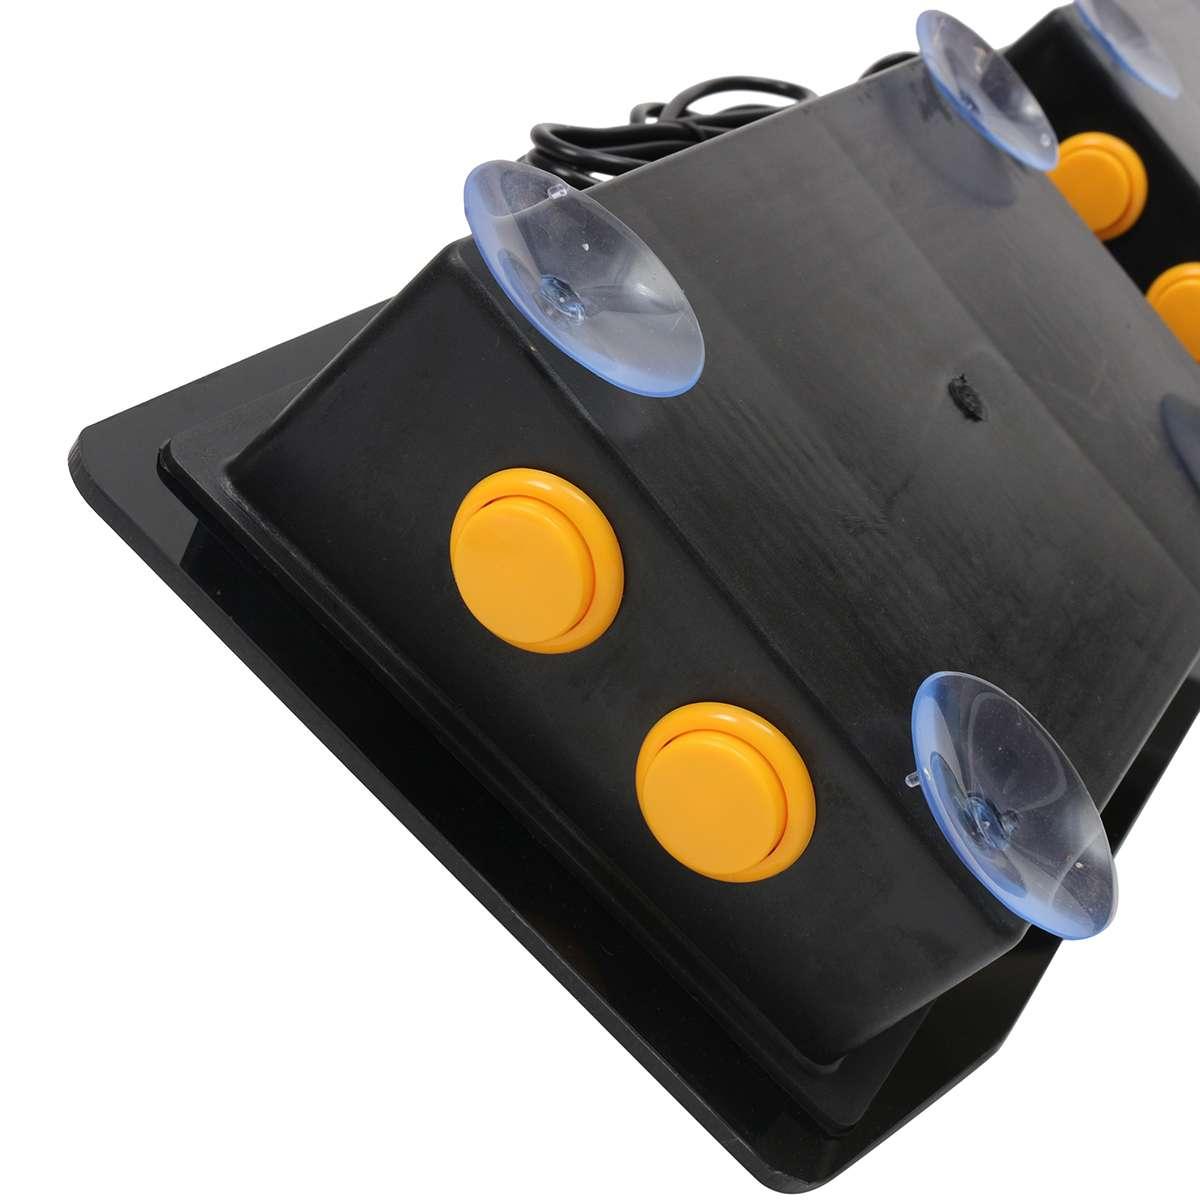 Double bâton d'arcade jeu vidéo manette contrôleur Console PC USB 2 joueurs ordinateur Machine de jeu vidéo jeu accessoires de jeu - 5